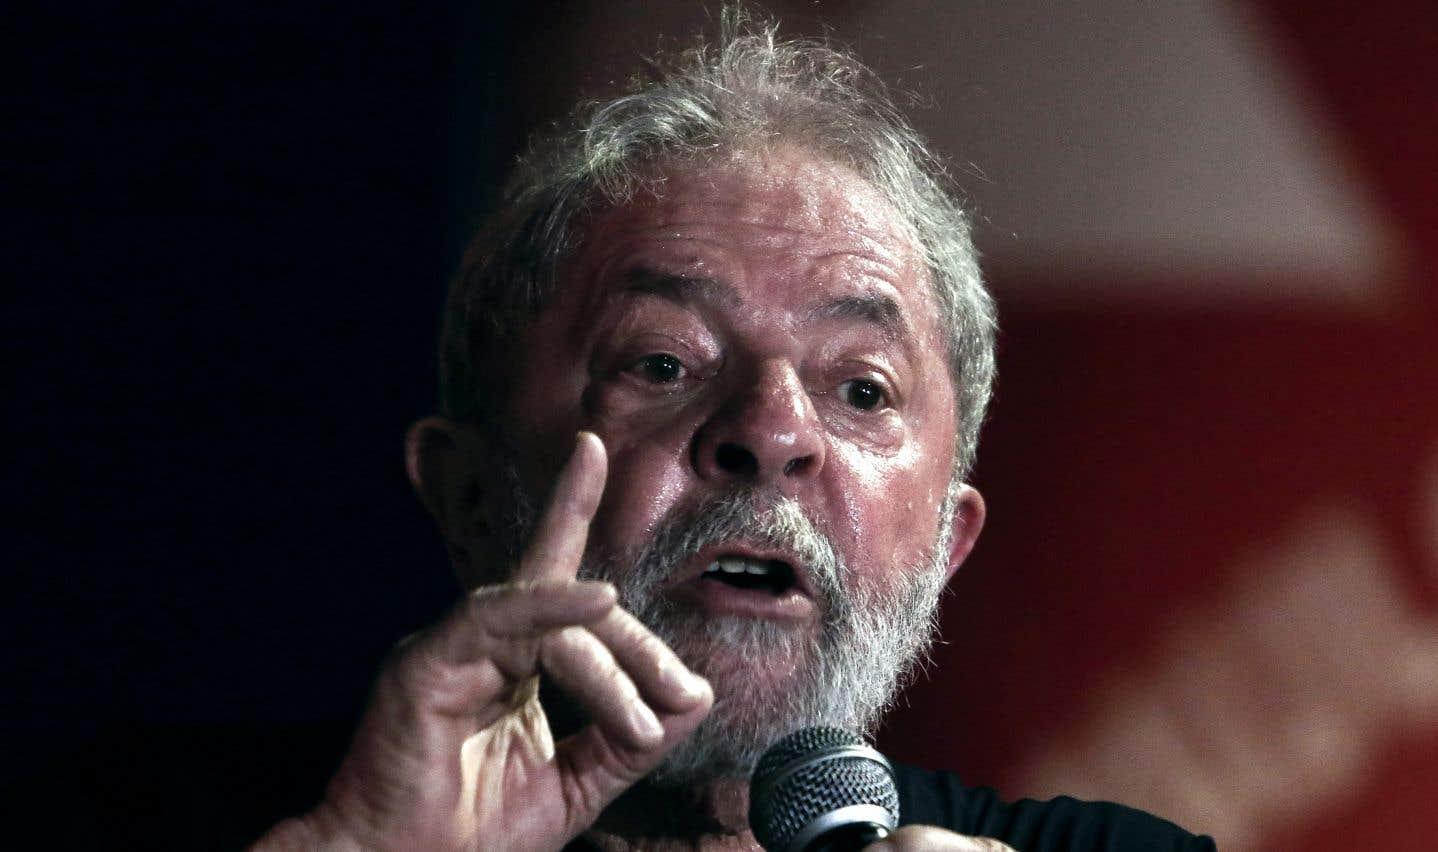 Mercredi, l'ex-président s'est adressé à la foule, à São Paulo, lors d'un rassemblement de soutien lui étant consacré.